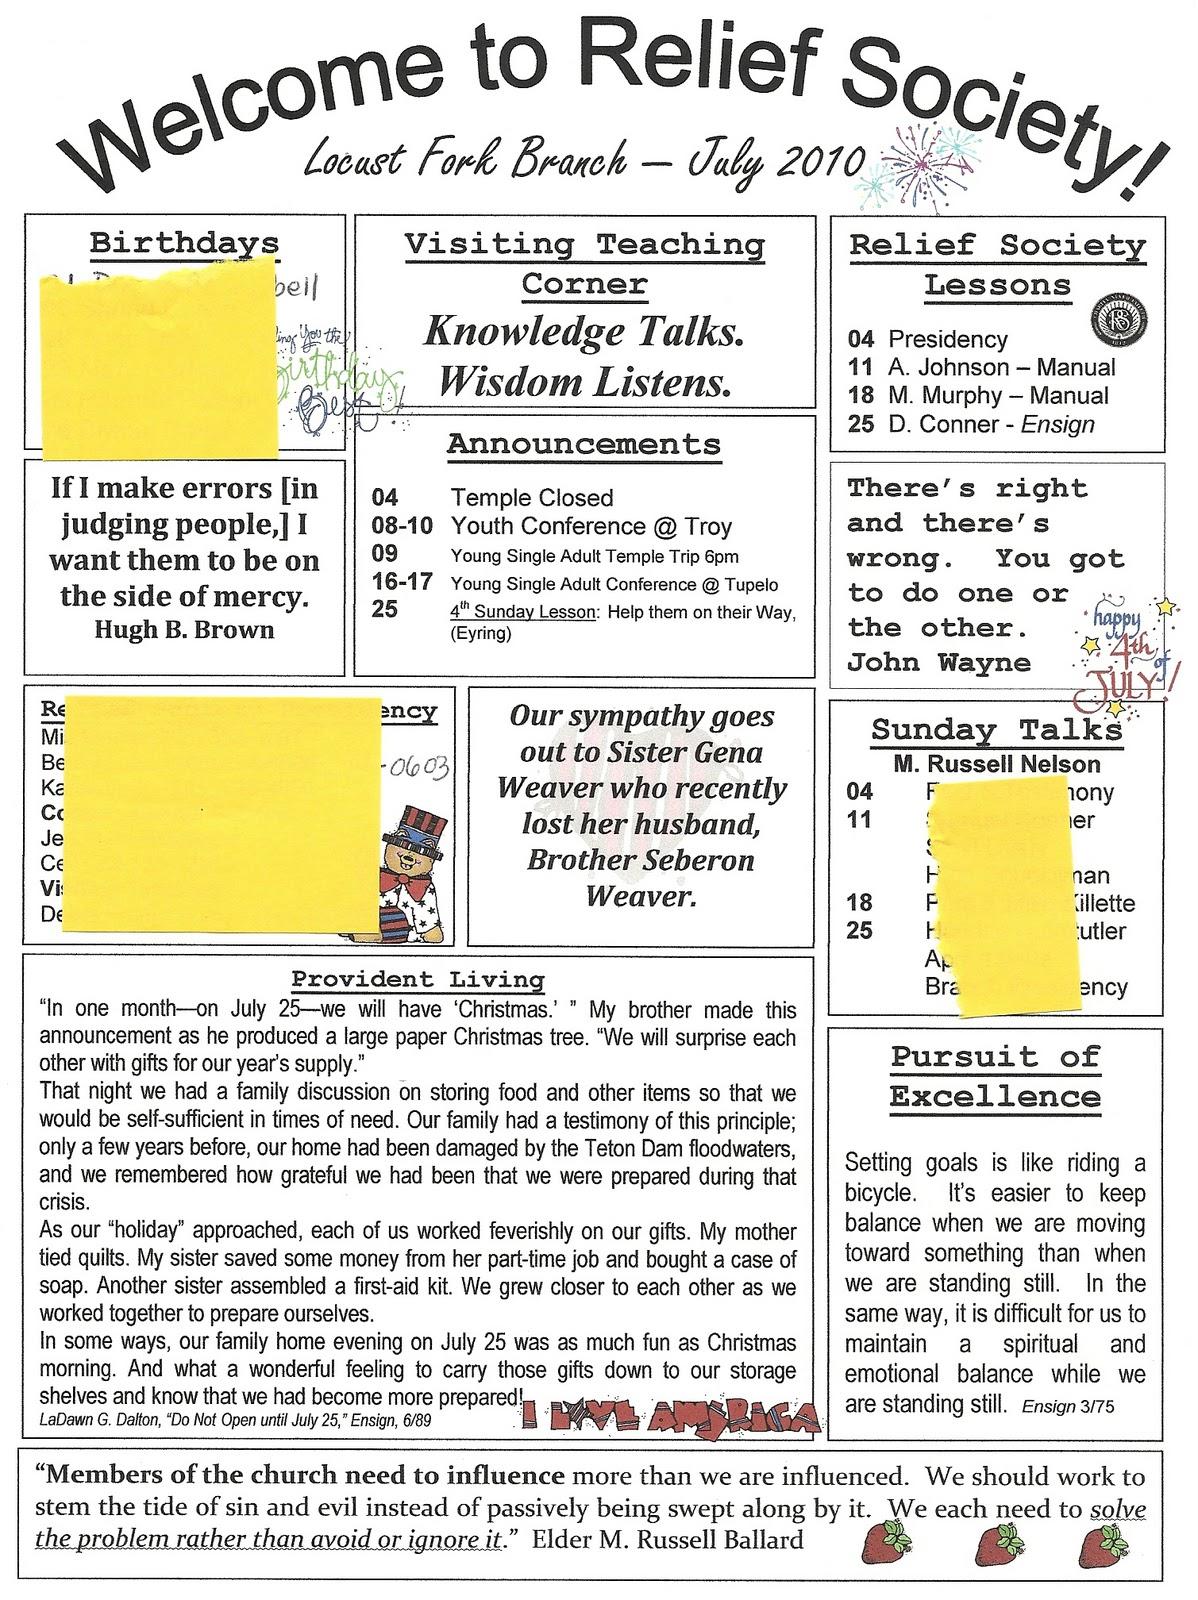 Super Homemaker's Journal: Church Newsletter Ideas GF52